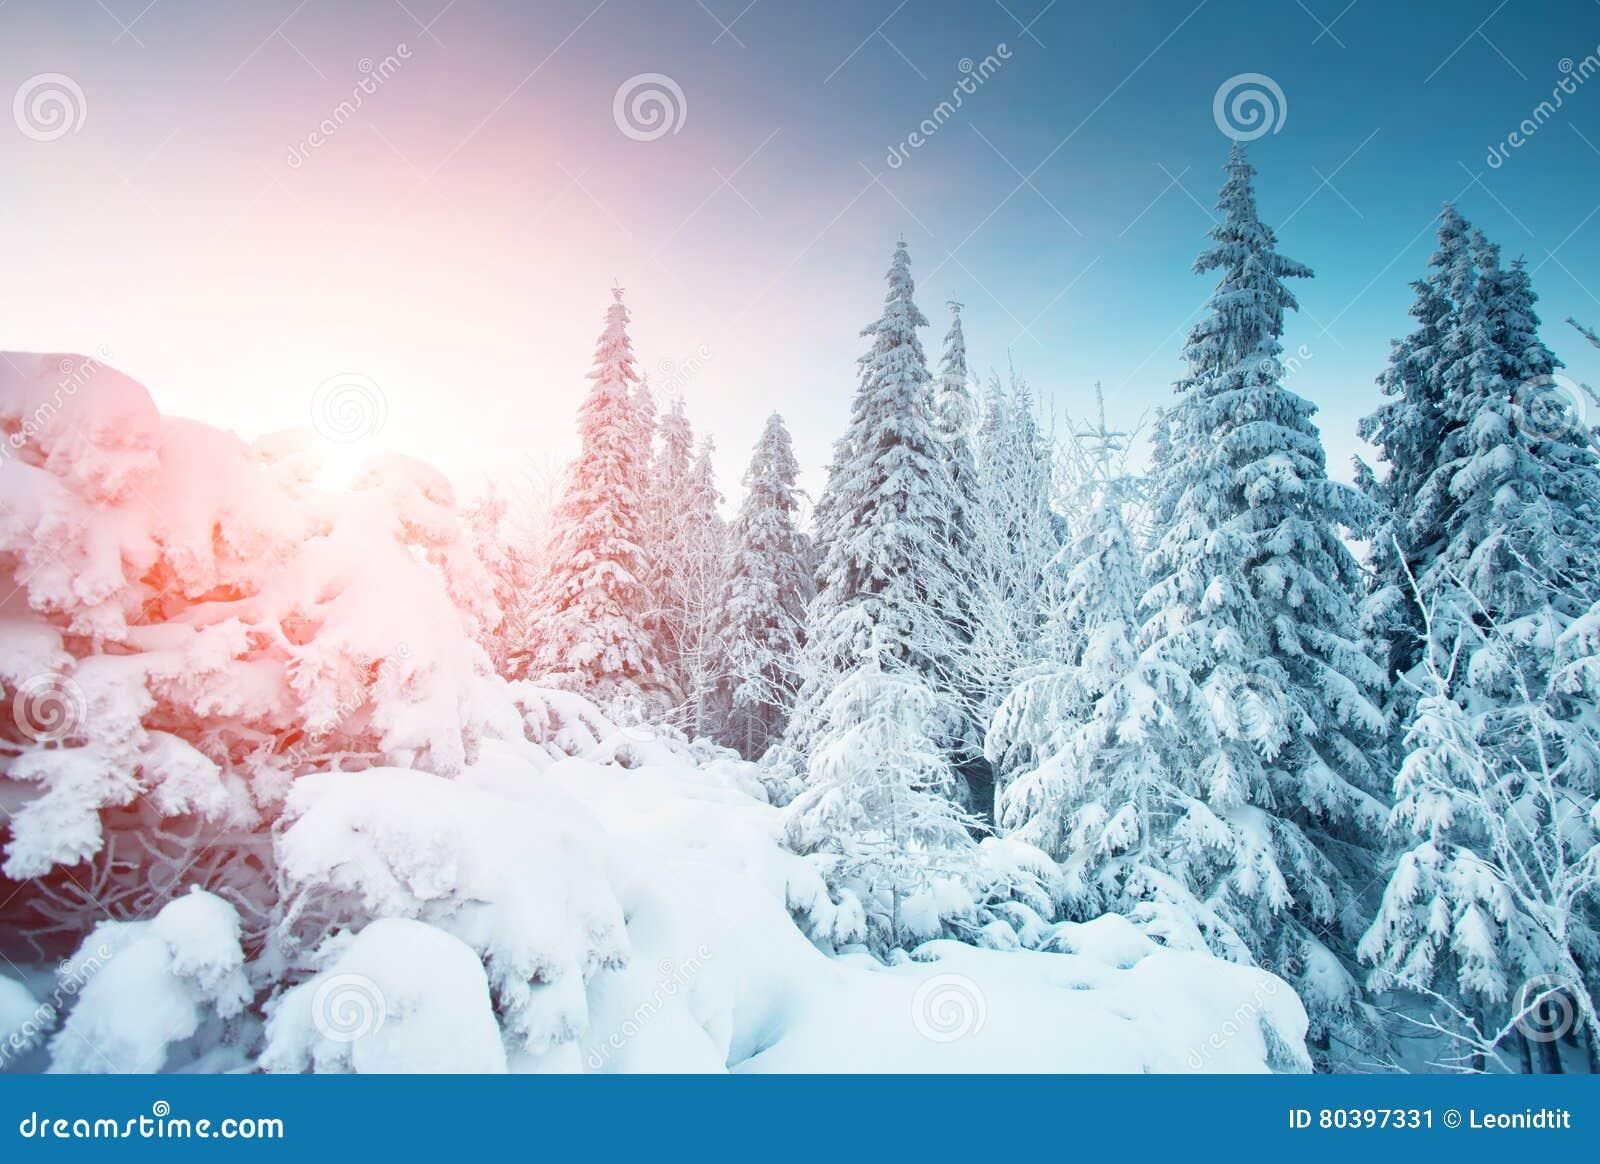 Sch ne winterliche landschaft stockbild bild von berraschen hoar 80397331 - Winterliche bilder kostenlos ...